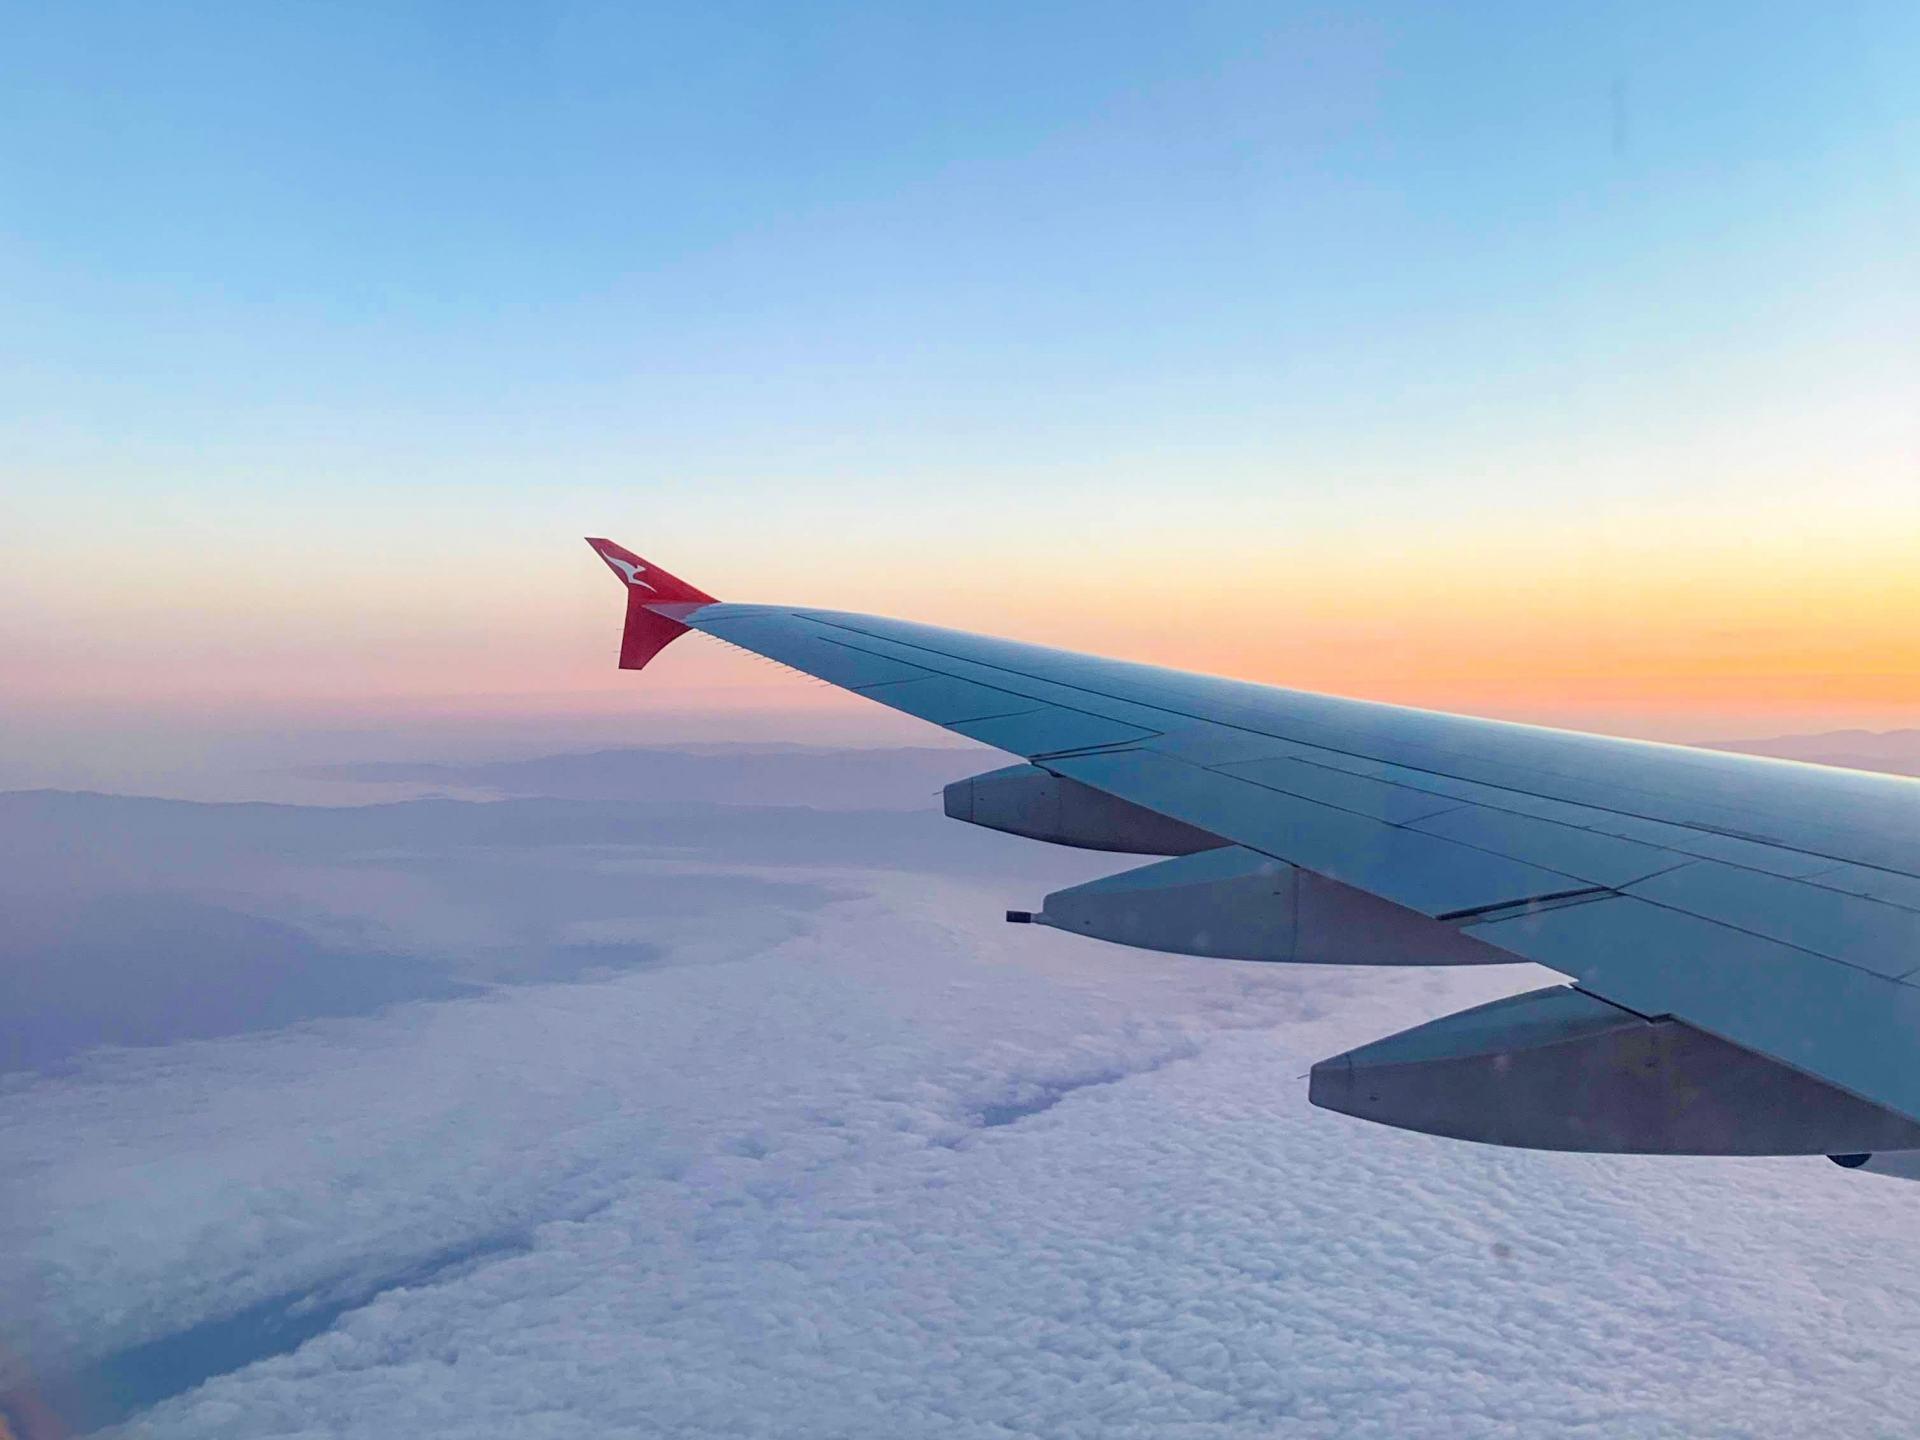 qantas wing